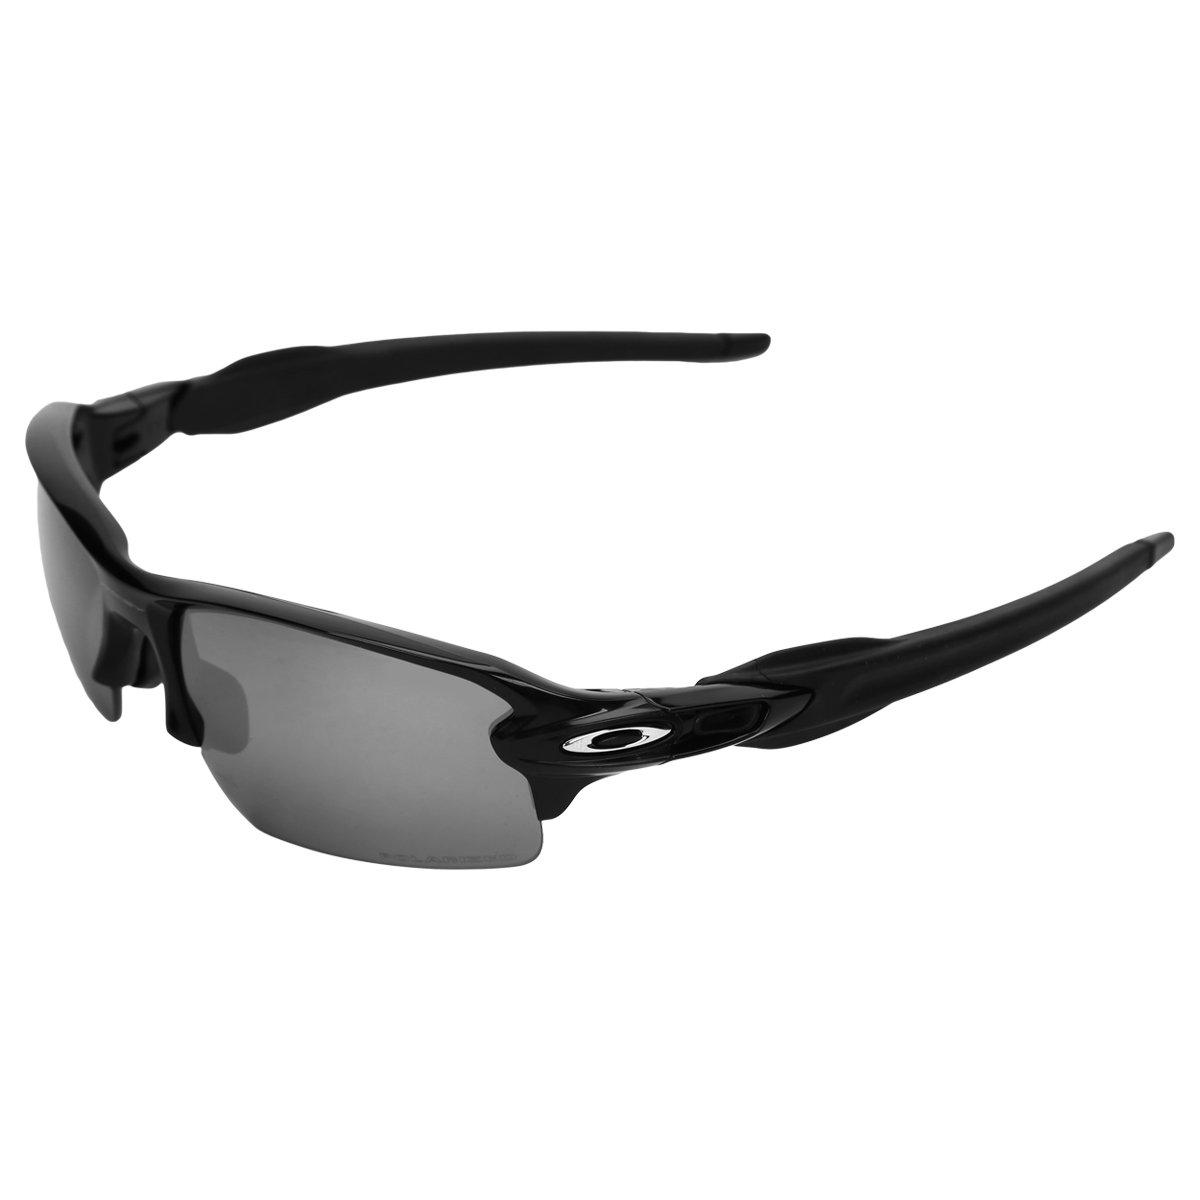 0523662c7e6d5 Óculos Oakley Flak 2.0 - Polarizada - Compre Agora   Netshoes